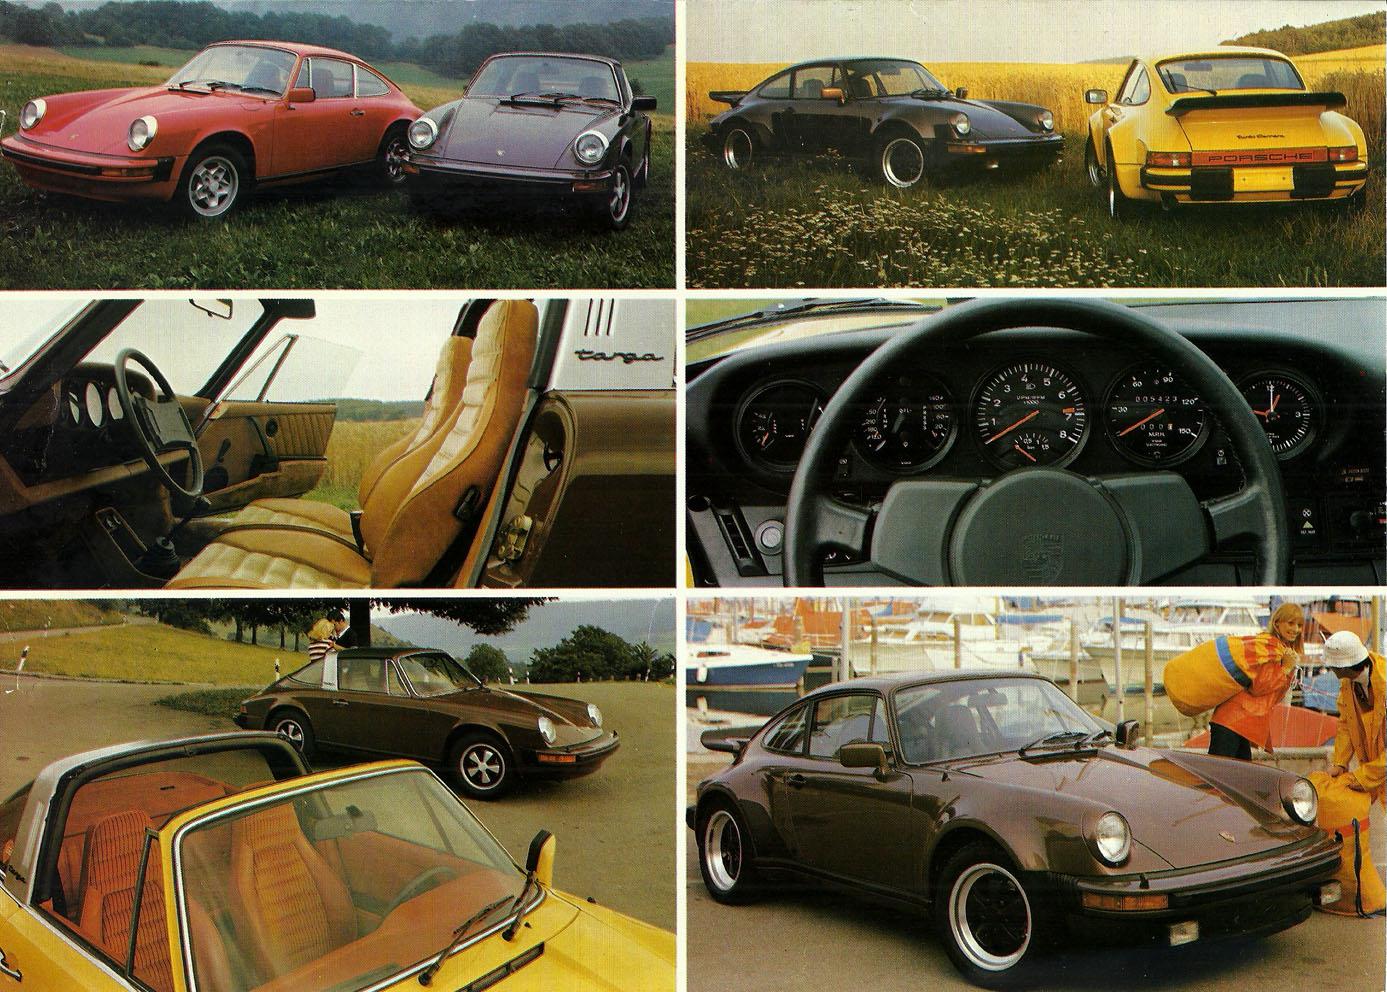 TunnelRam_Porsche 911 (47).jpg